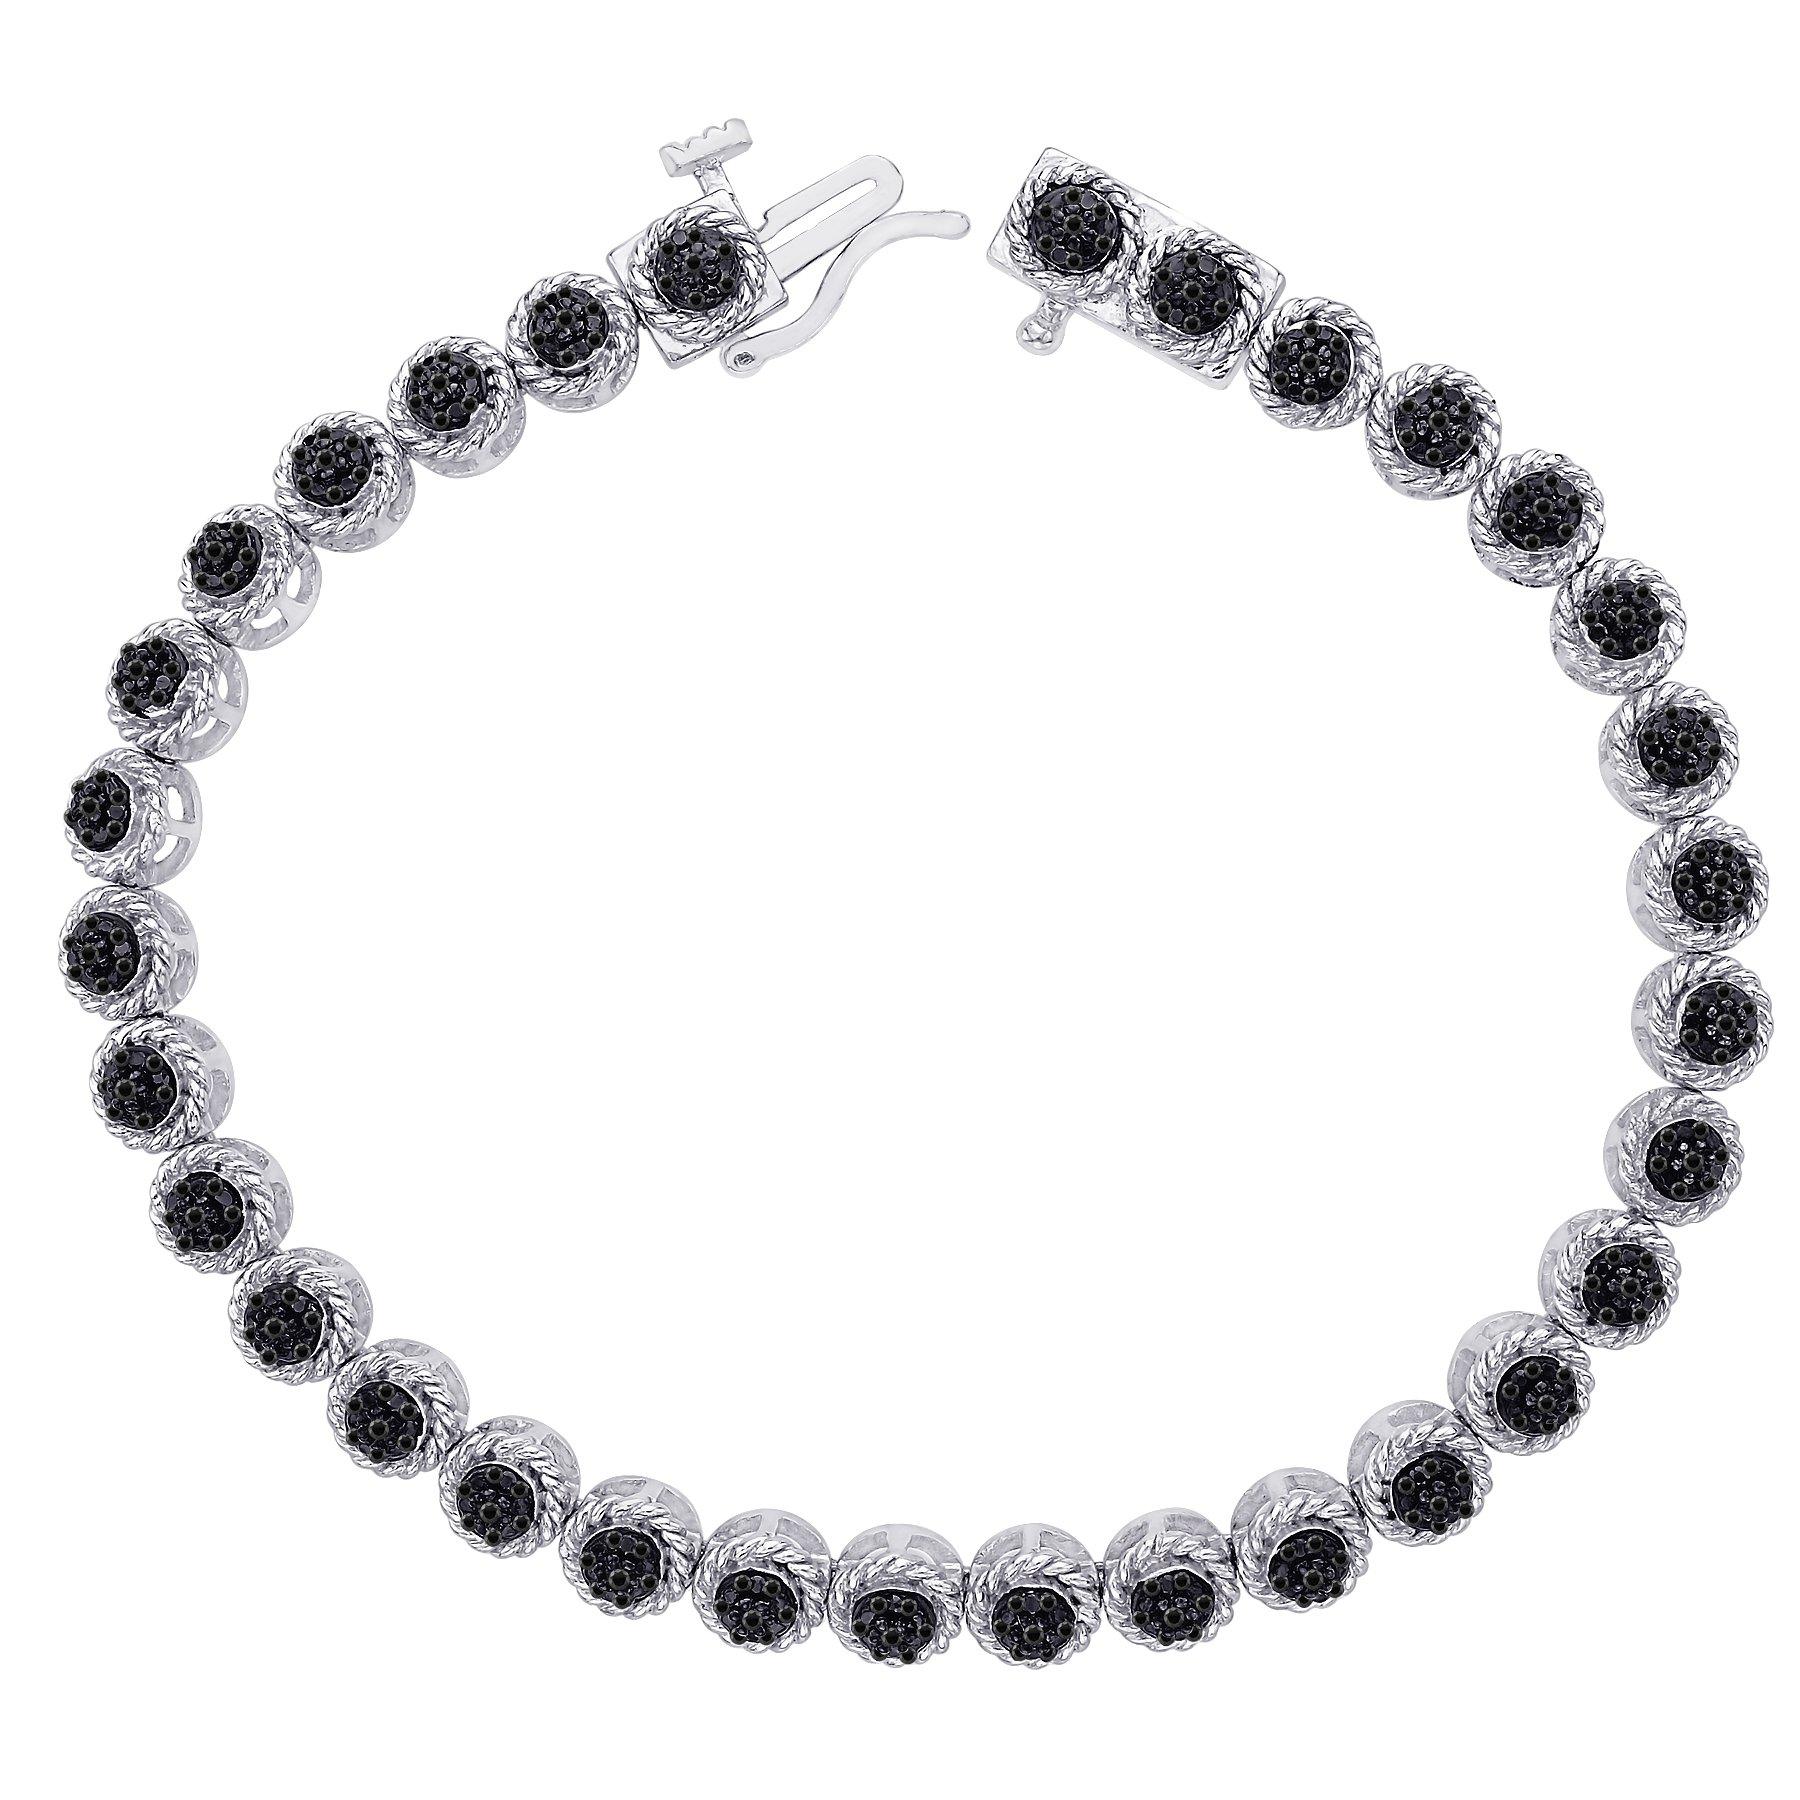 Black Diamond Tennis Bracelet in Sterling Silver (1/5 cttw)